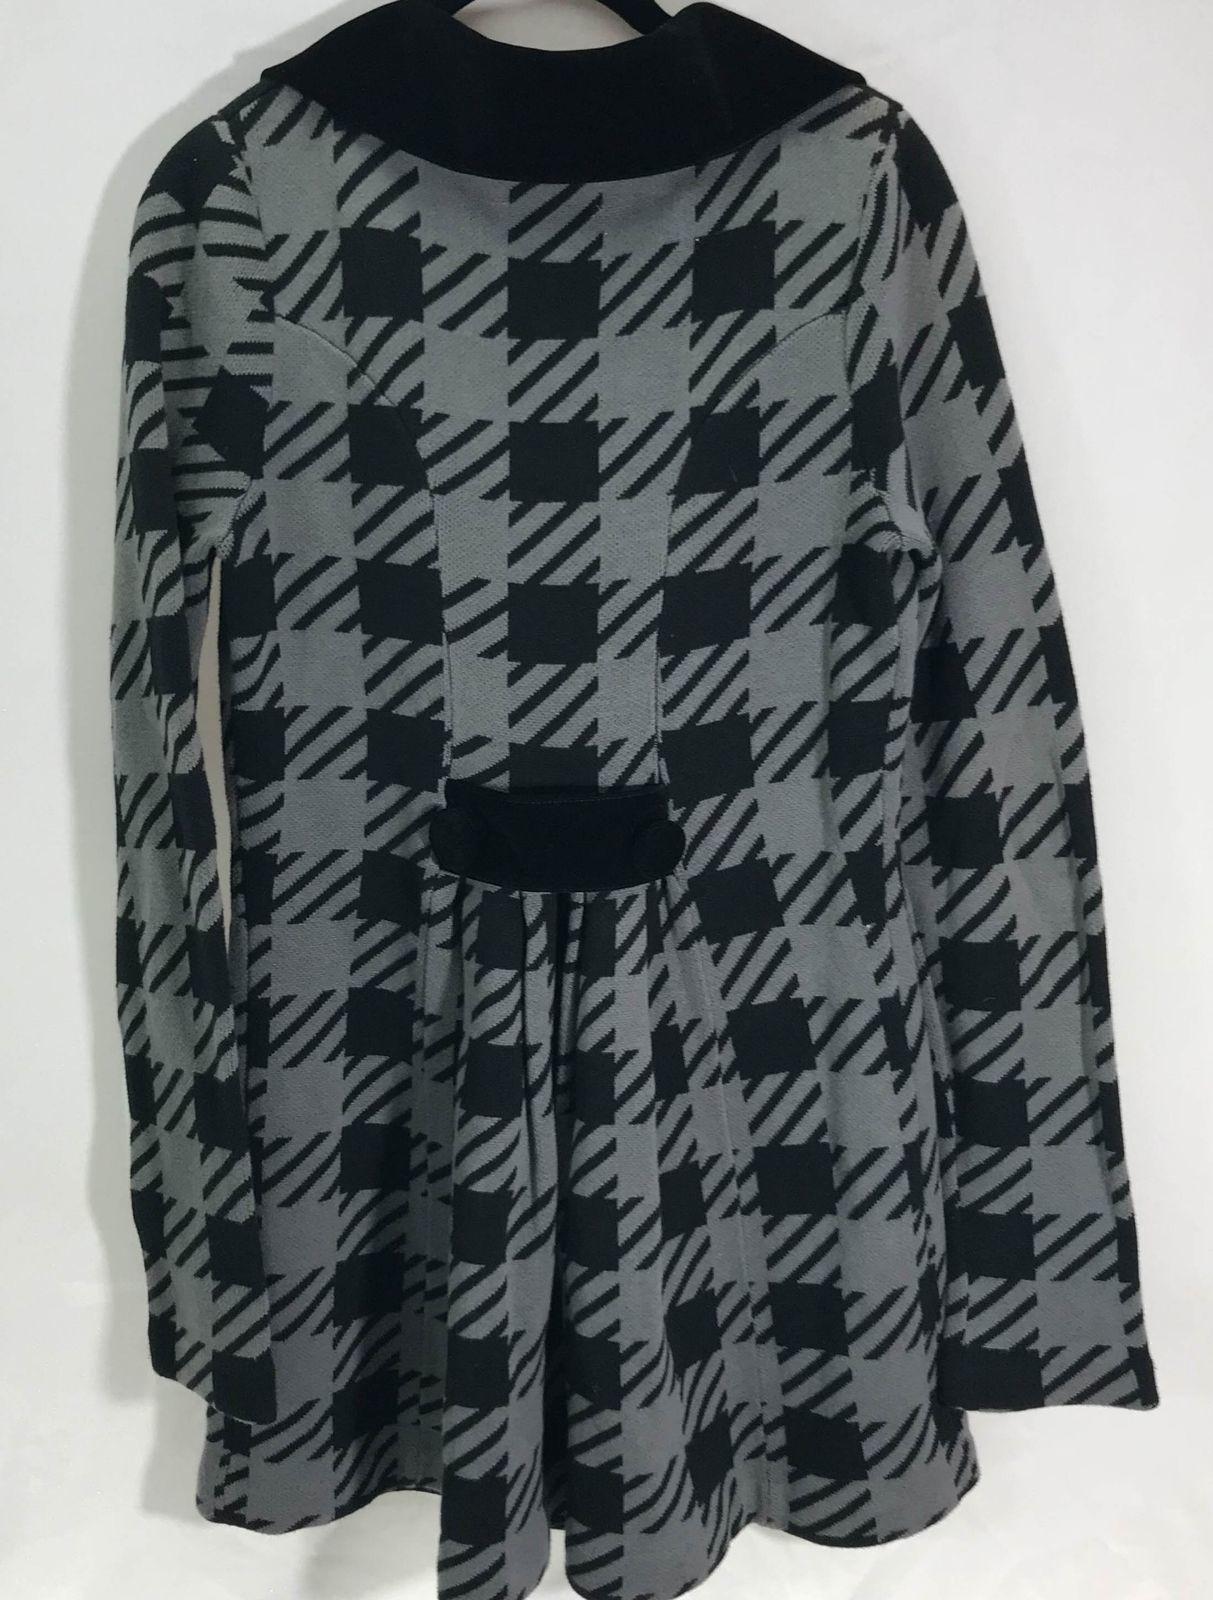 Betsey Johnson Large Herringbone Double Breasted Plaid Black Collar Coat Jacket